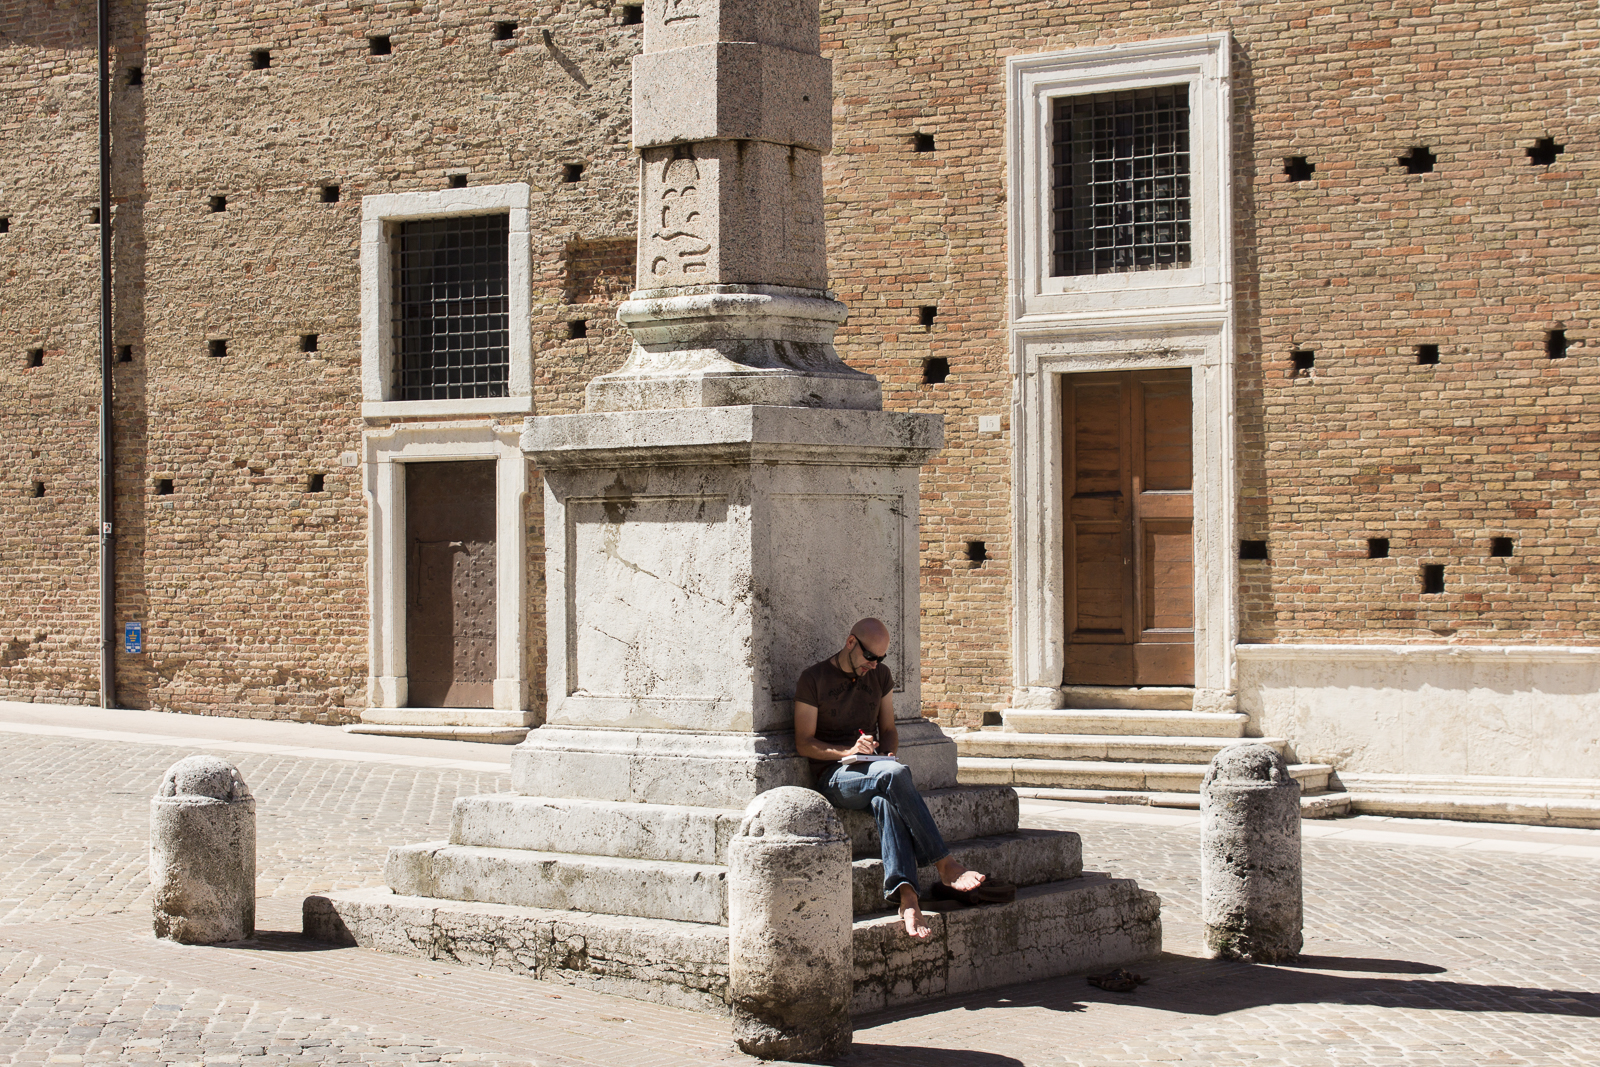 A moment in Urbino